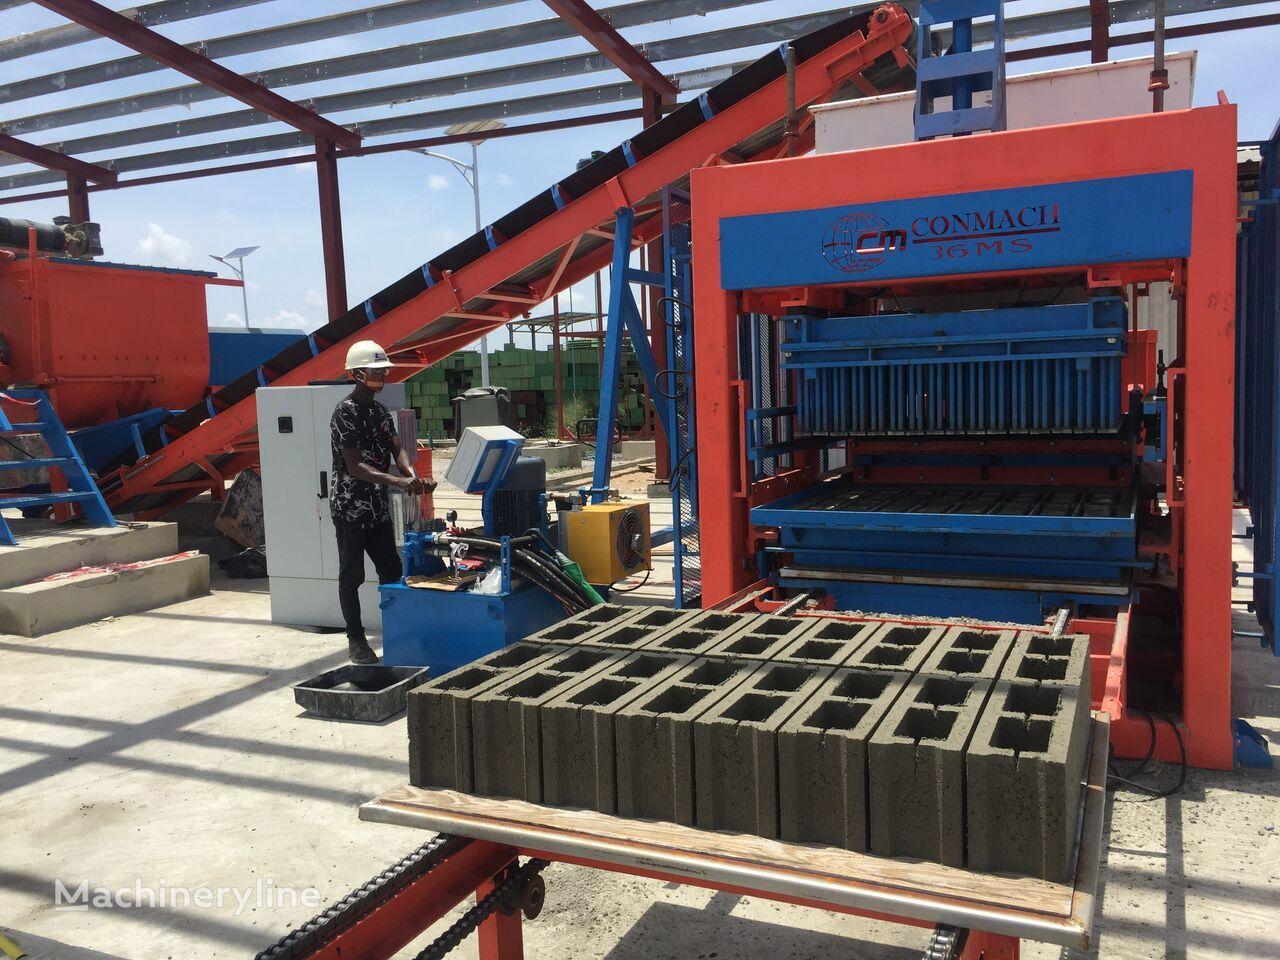 nieuw CONMACH xxx Concrete Block Moulding Machine - 16.000 pcs 6'' betonblok machine